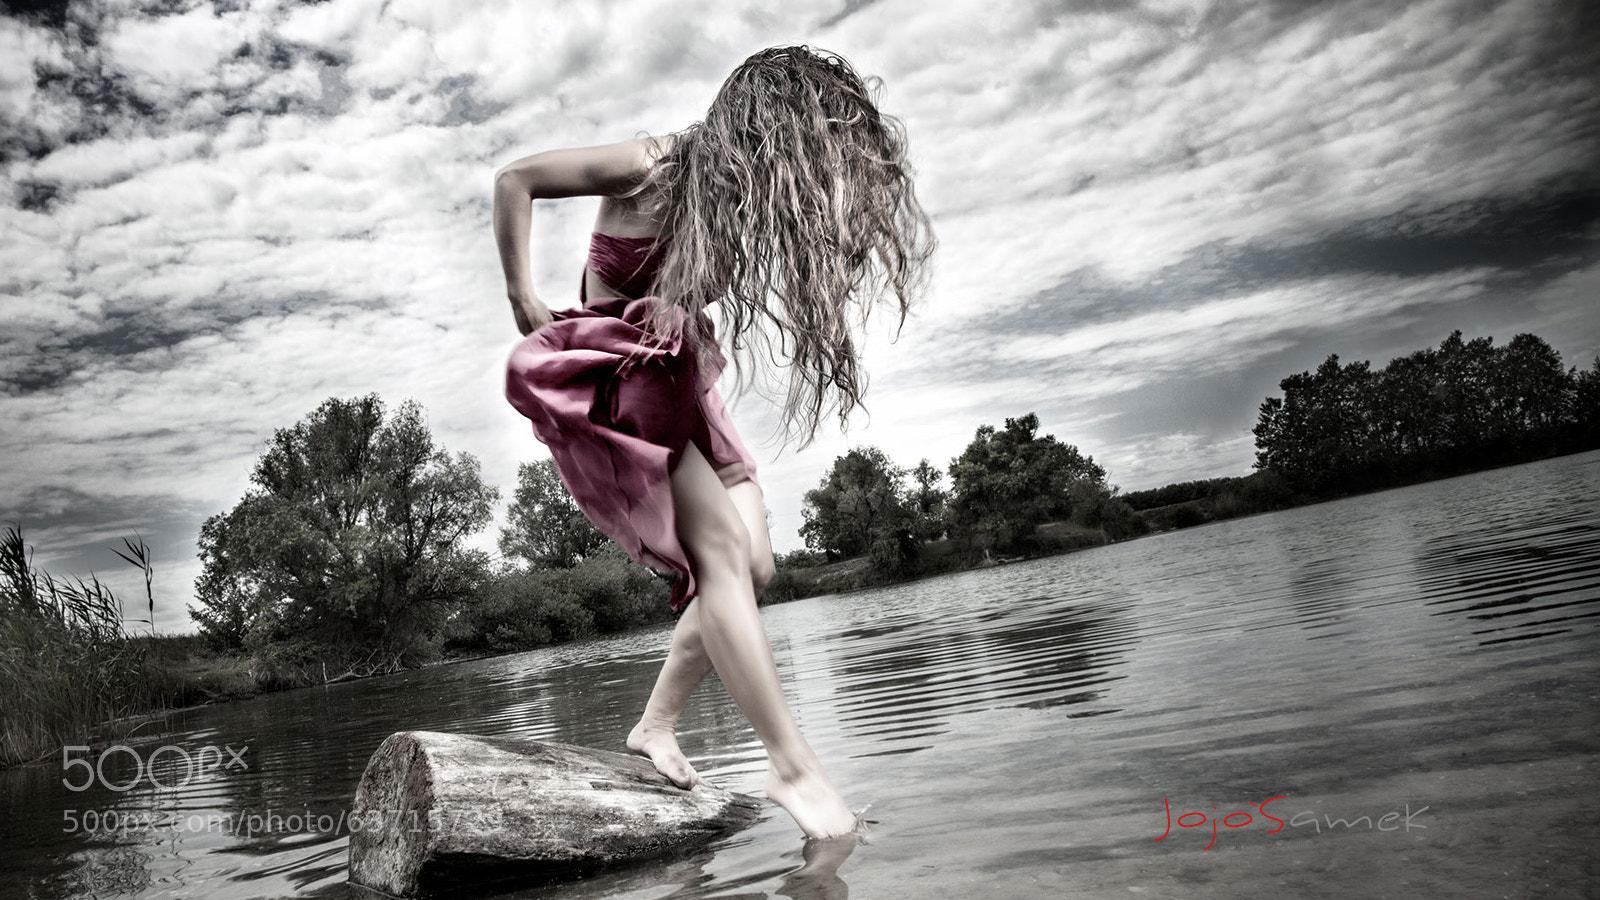 Photograph Opppssss :) by Jojo Samek on 500px